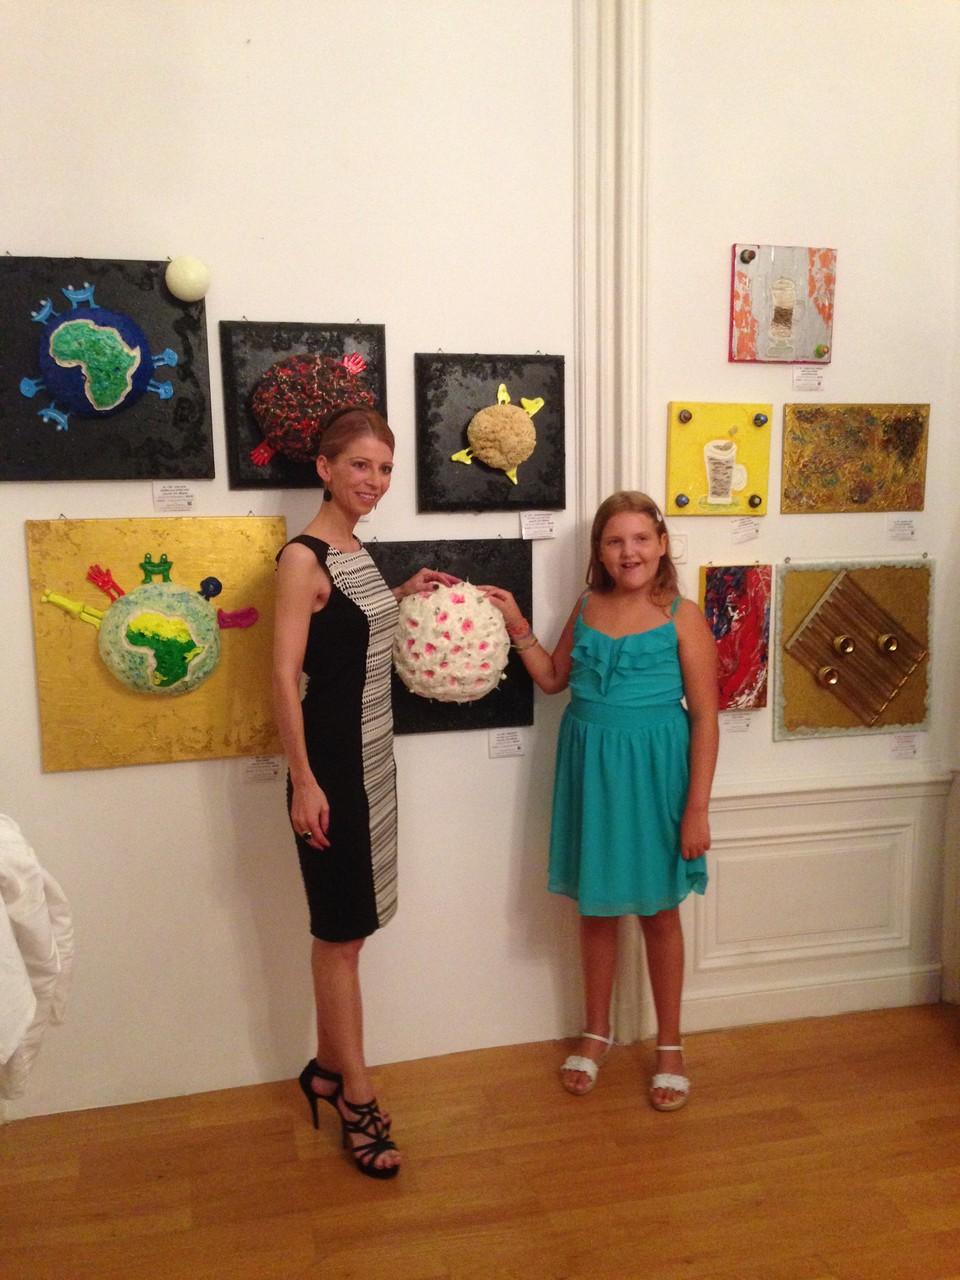 die österreichische Künstlerin Sandra Altmann - 7.Annuale-MOYA - 23.6.2014